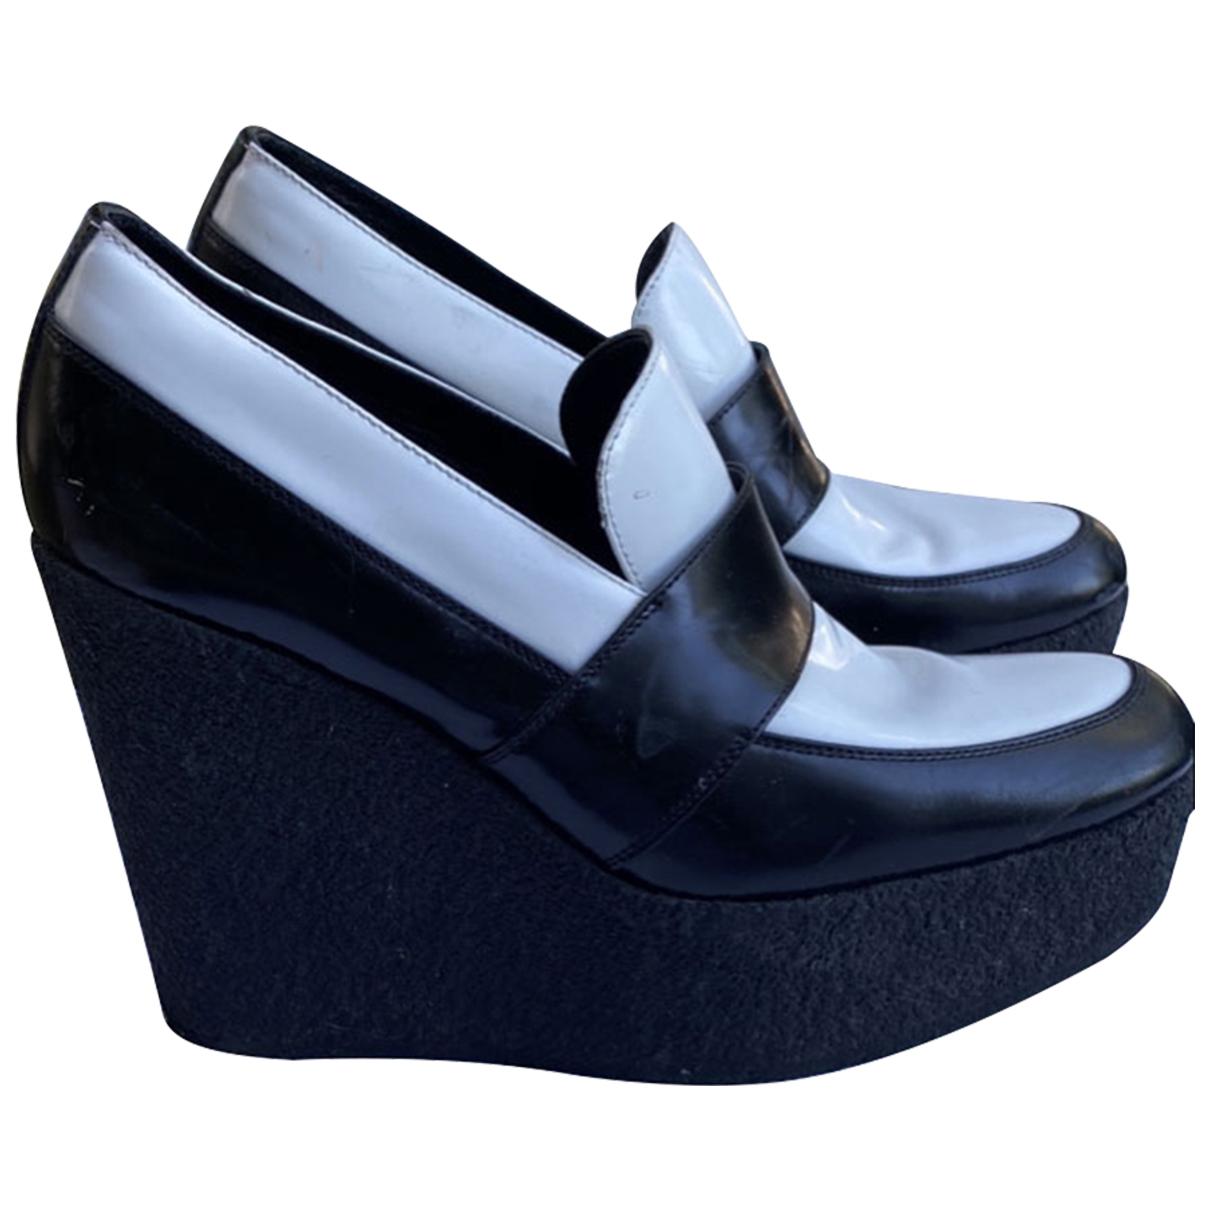 Celine \N Pumps in  Schwarz Leder